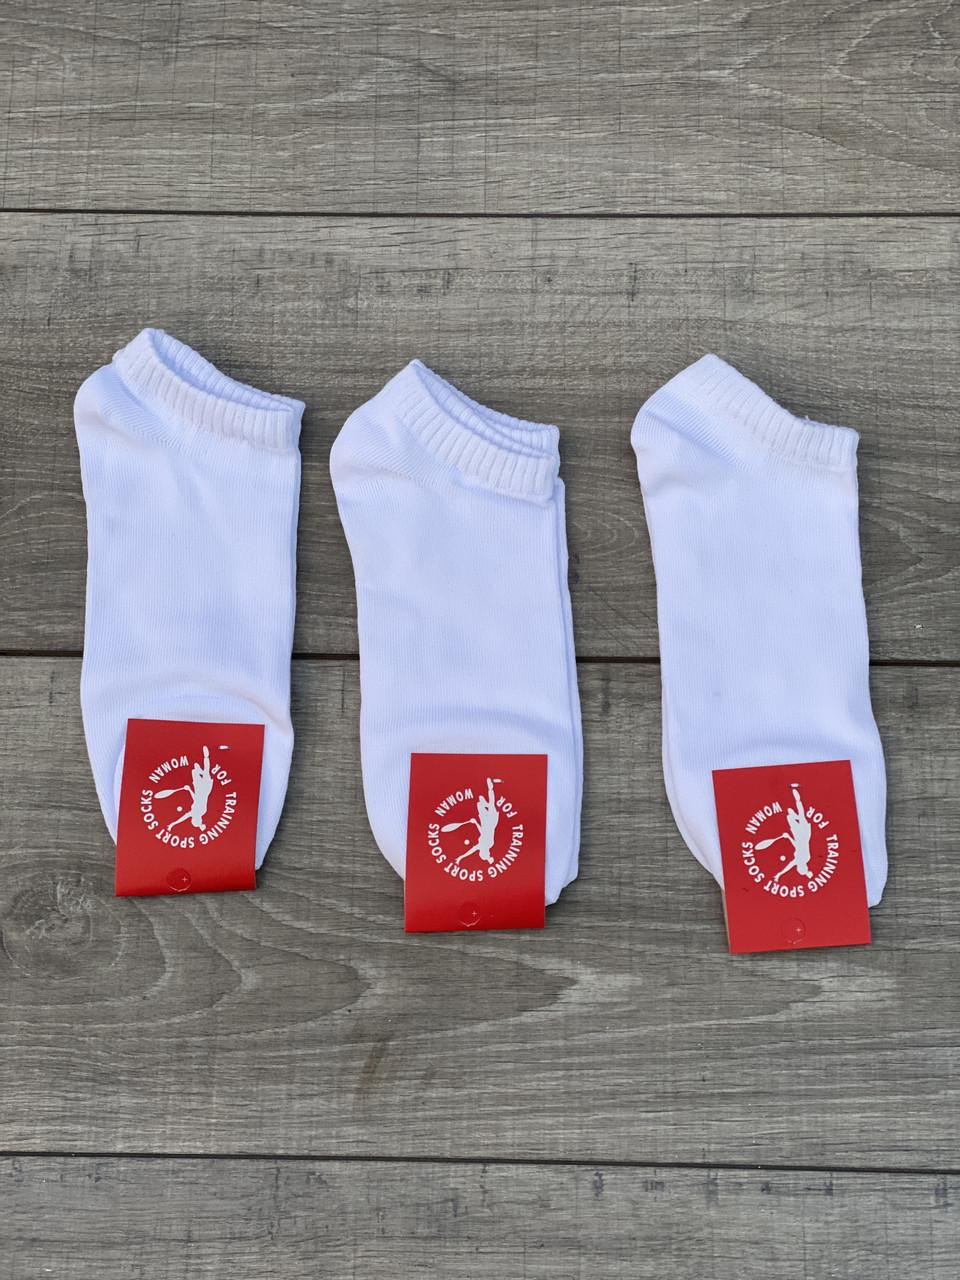 Короткі жіночі носки шкарпетки стрейчеві розмір 36-39 12 шт в уп мікс кольорів